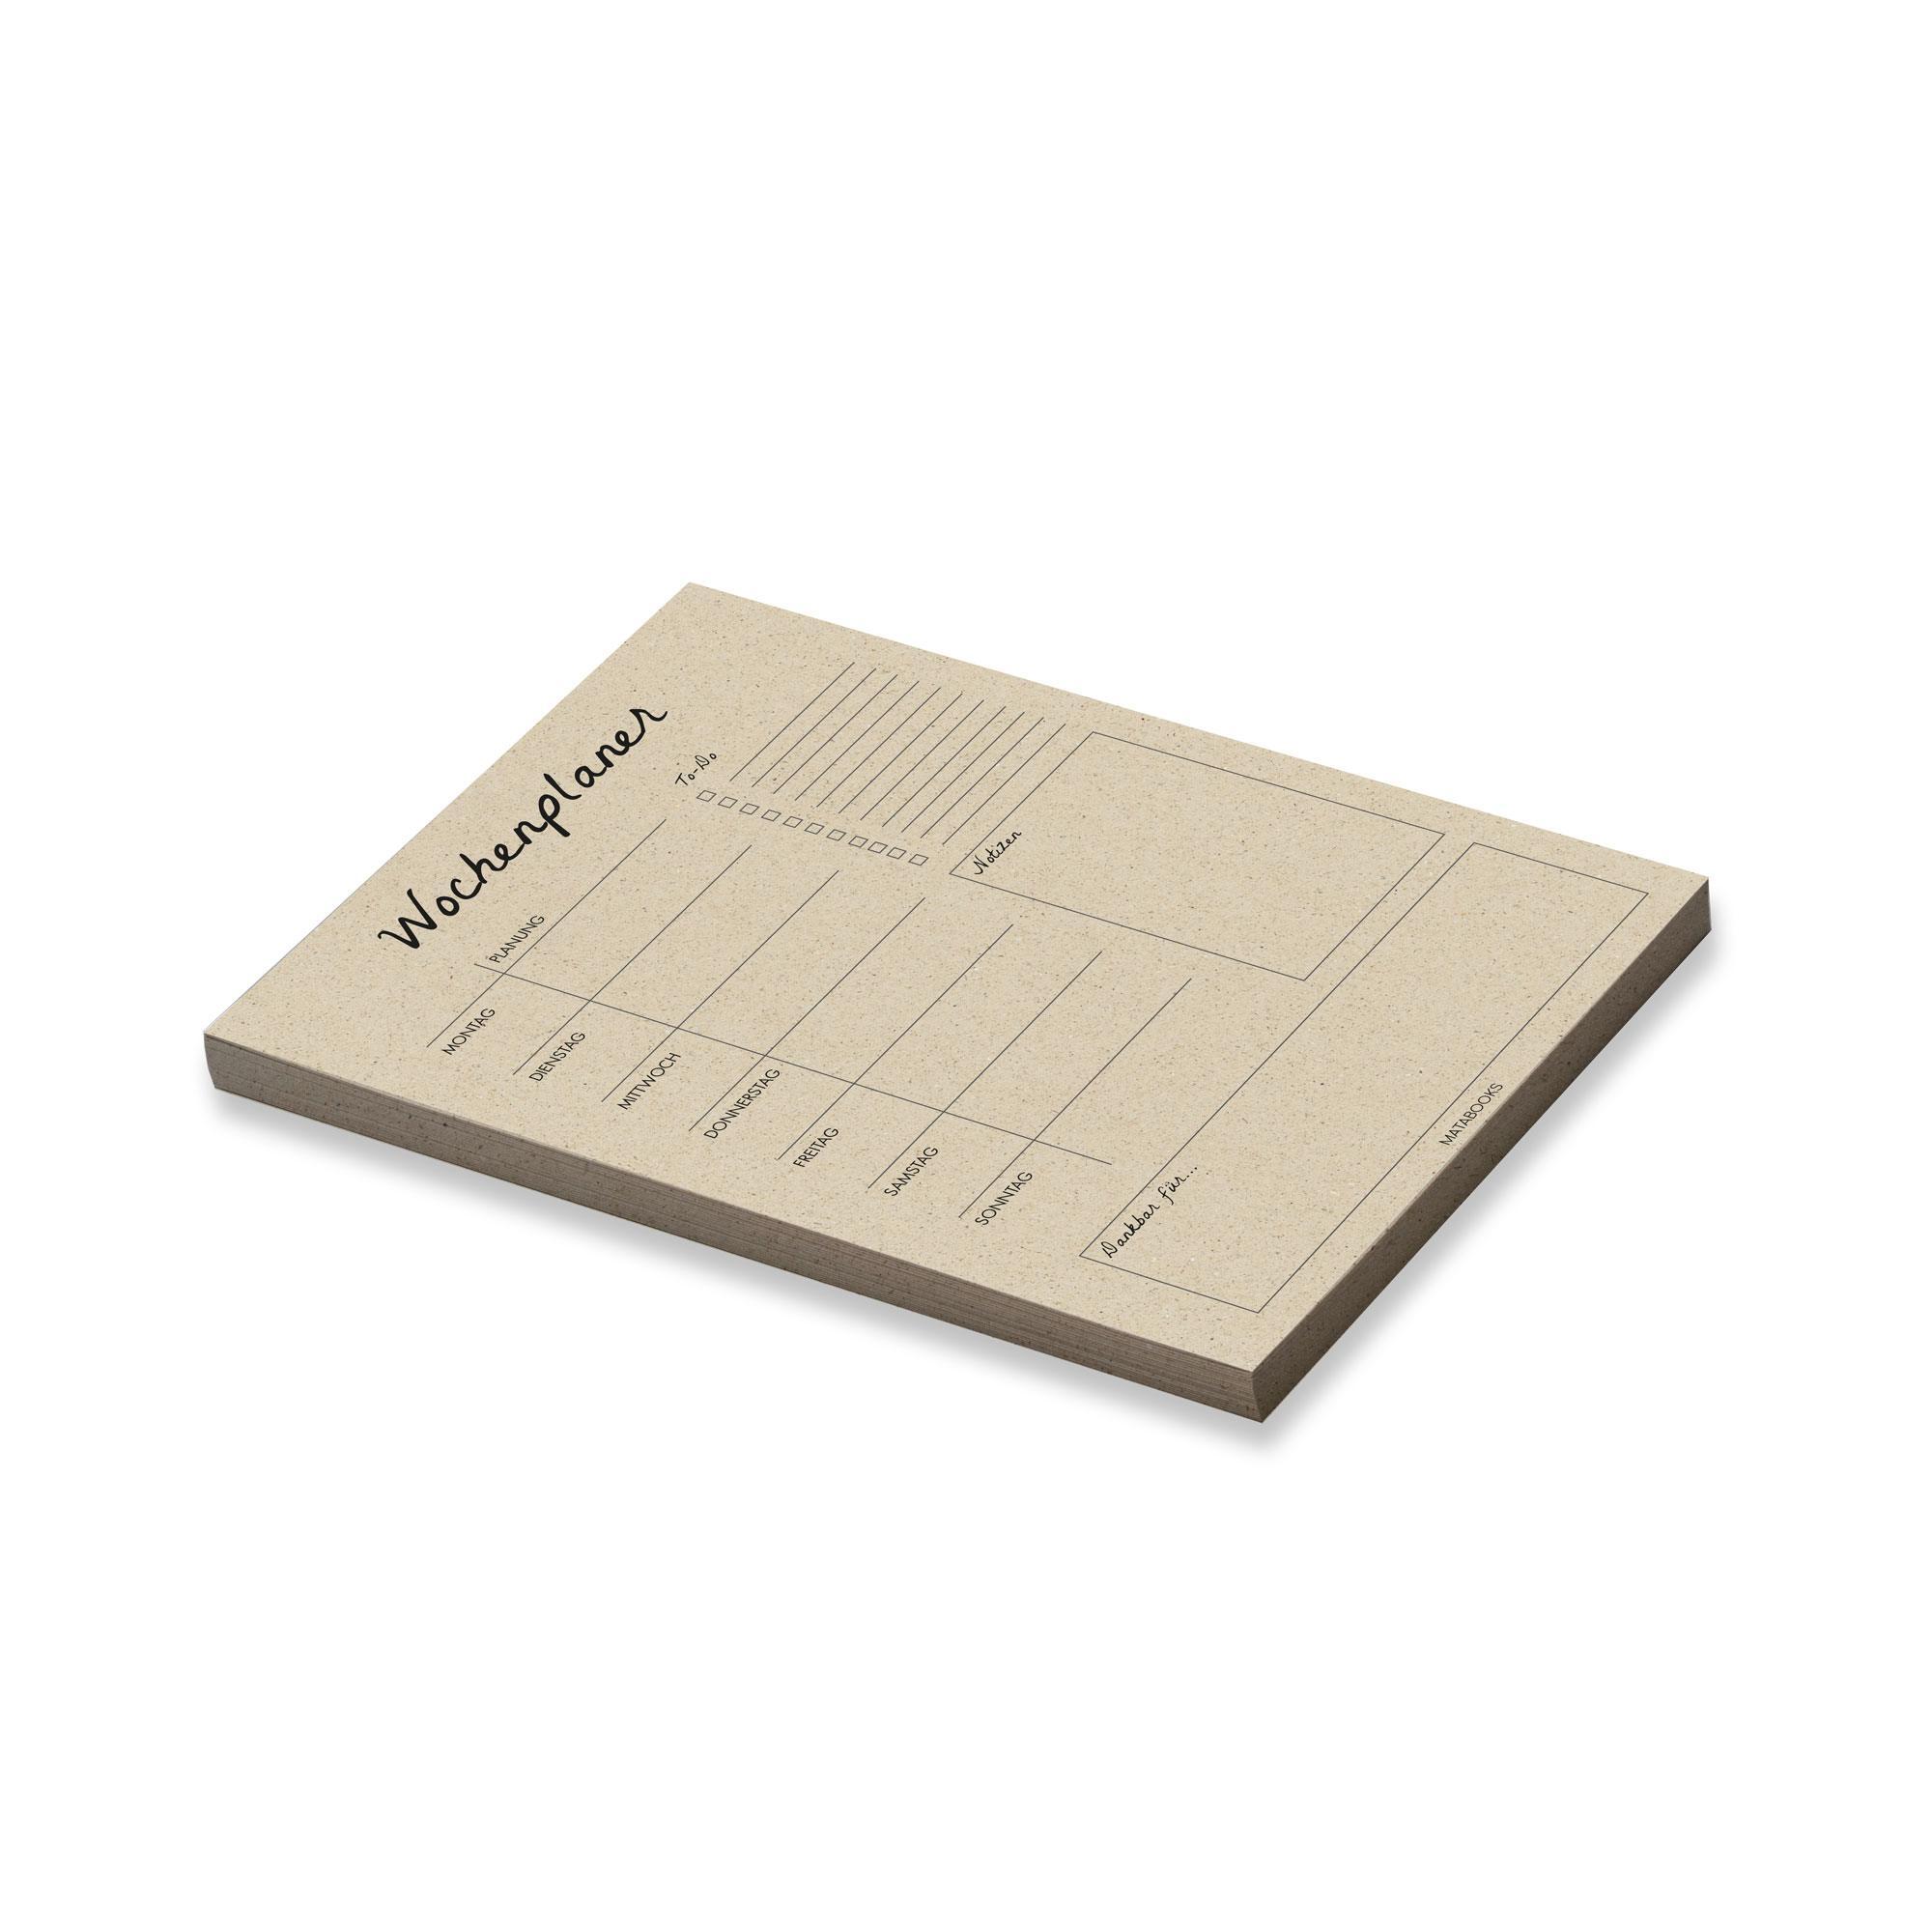 Wochenplaner aus Graspapier - Matabooks